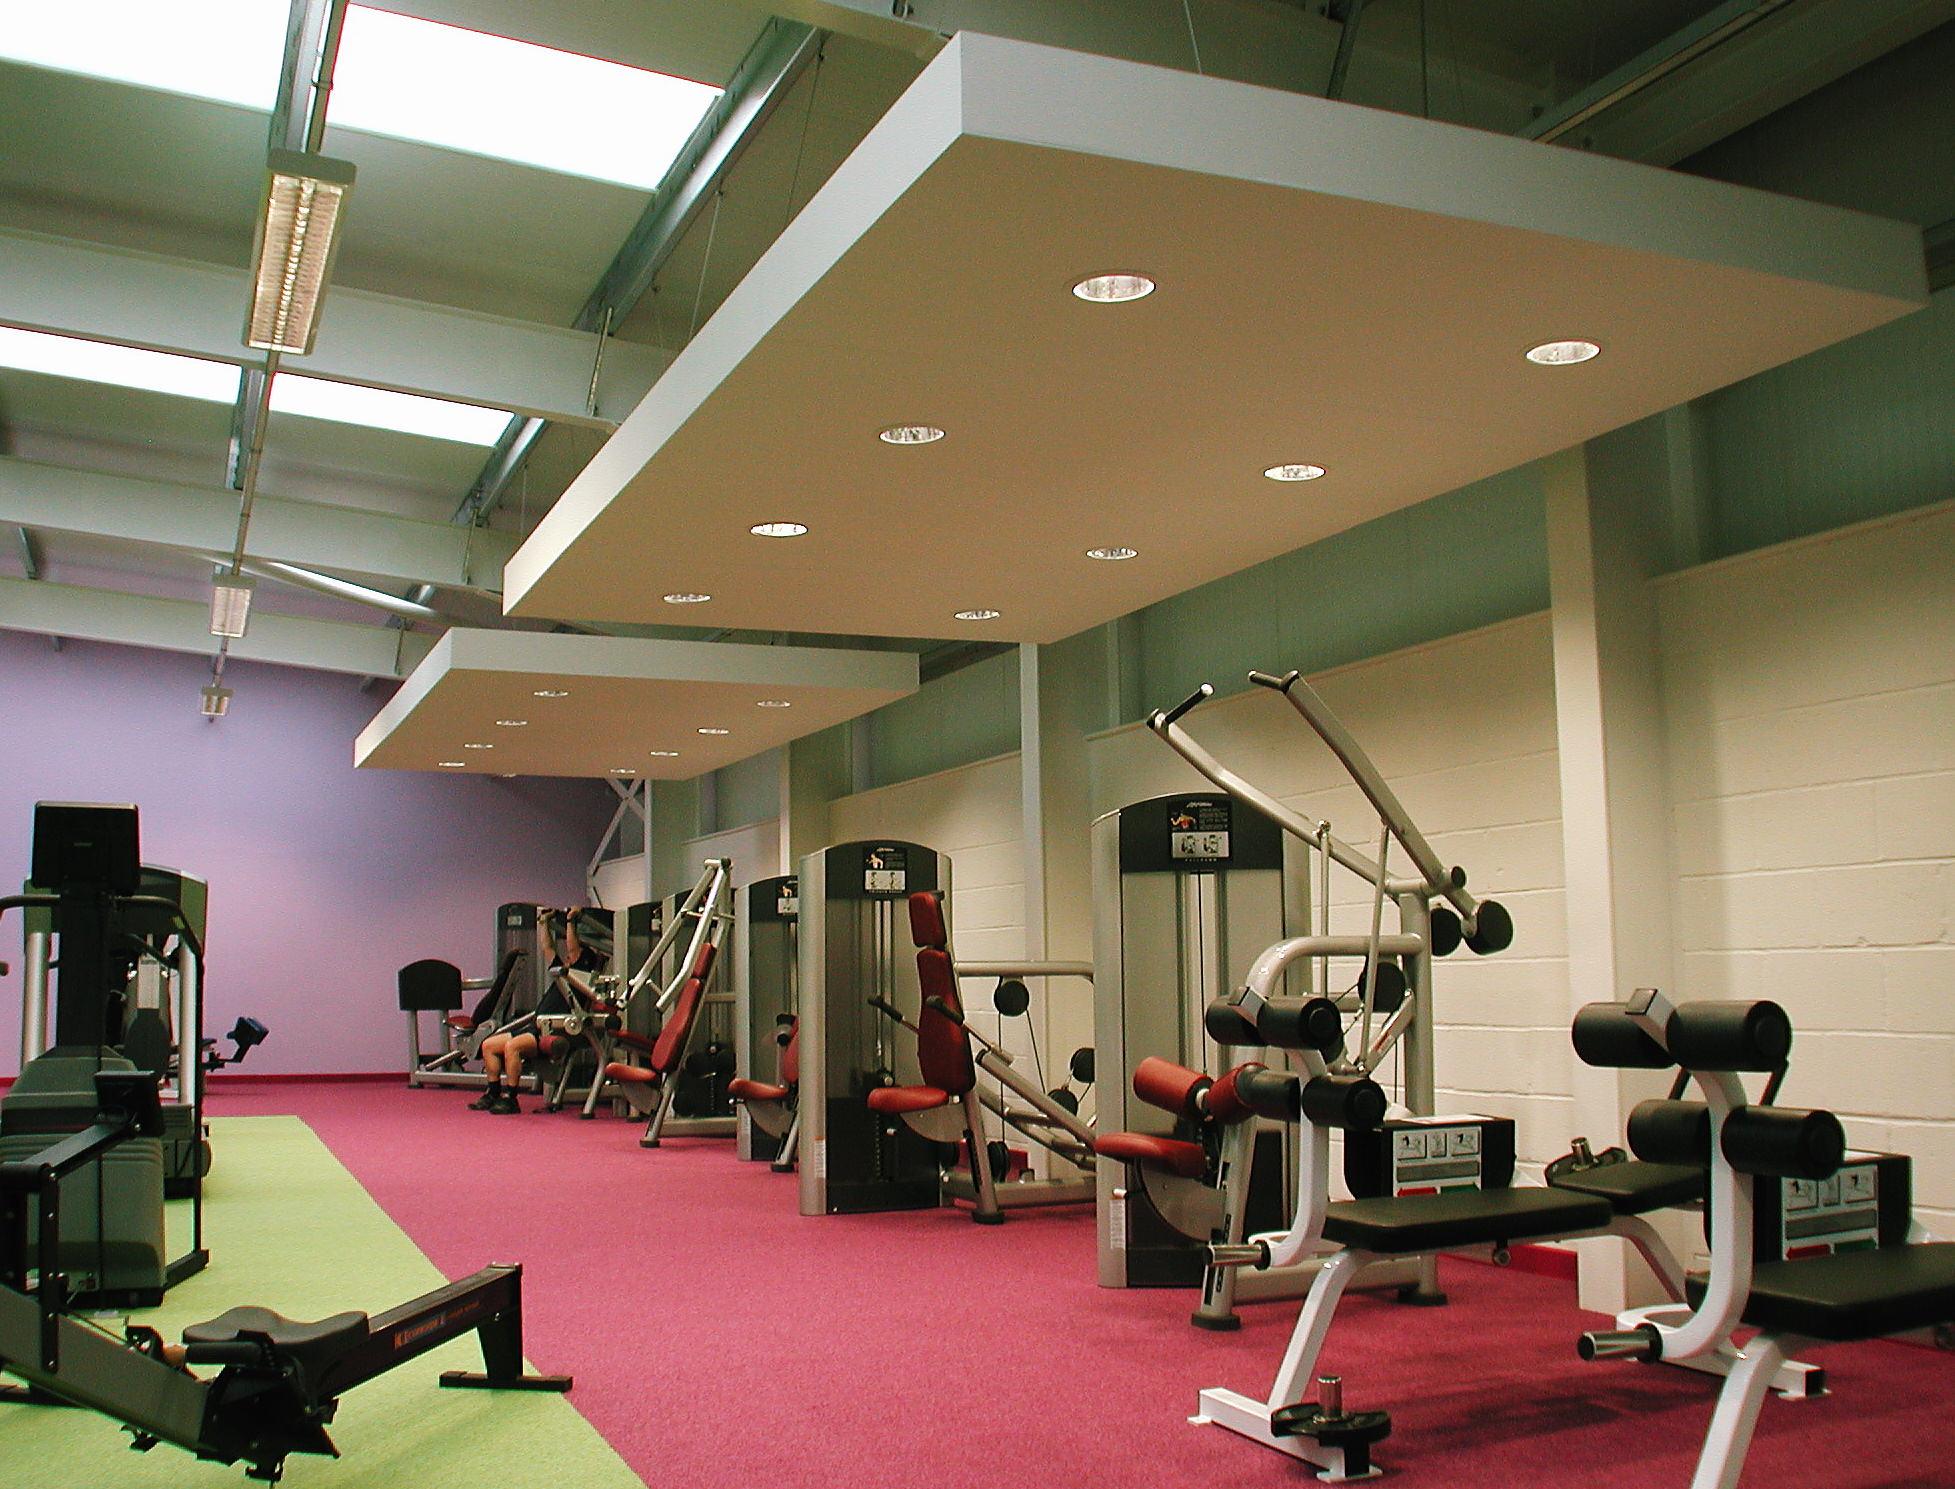 nicolas-tye-blackshots-leisure-centre-3610655